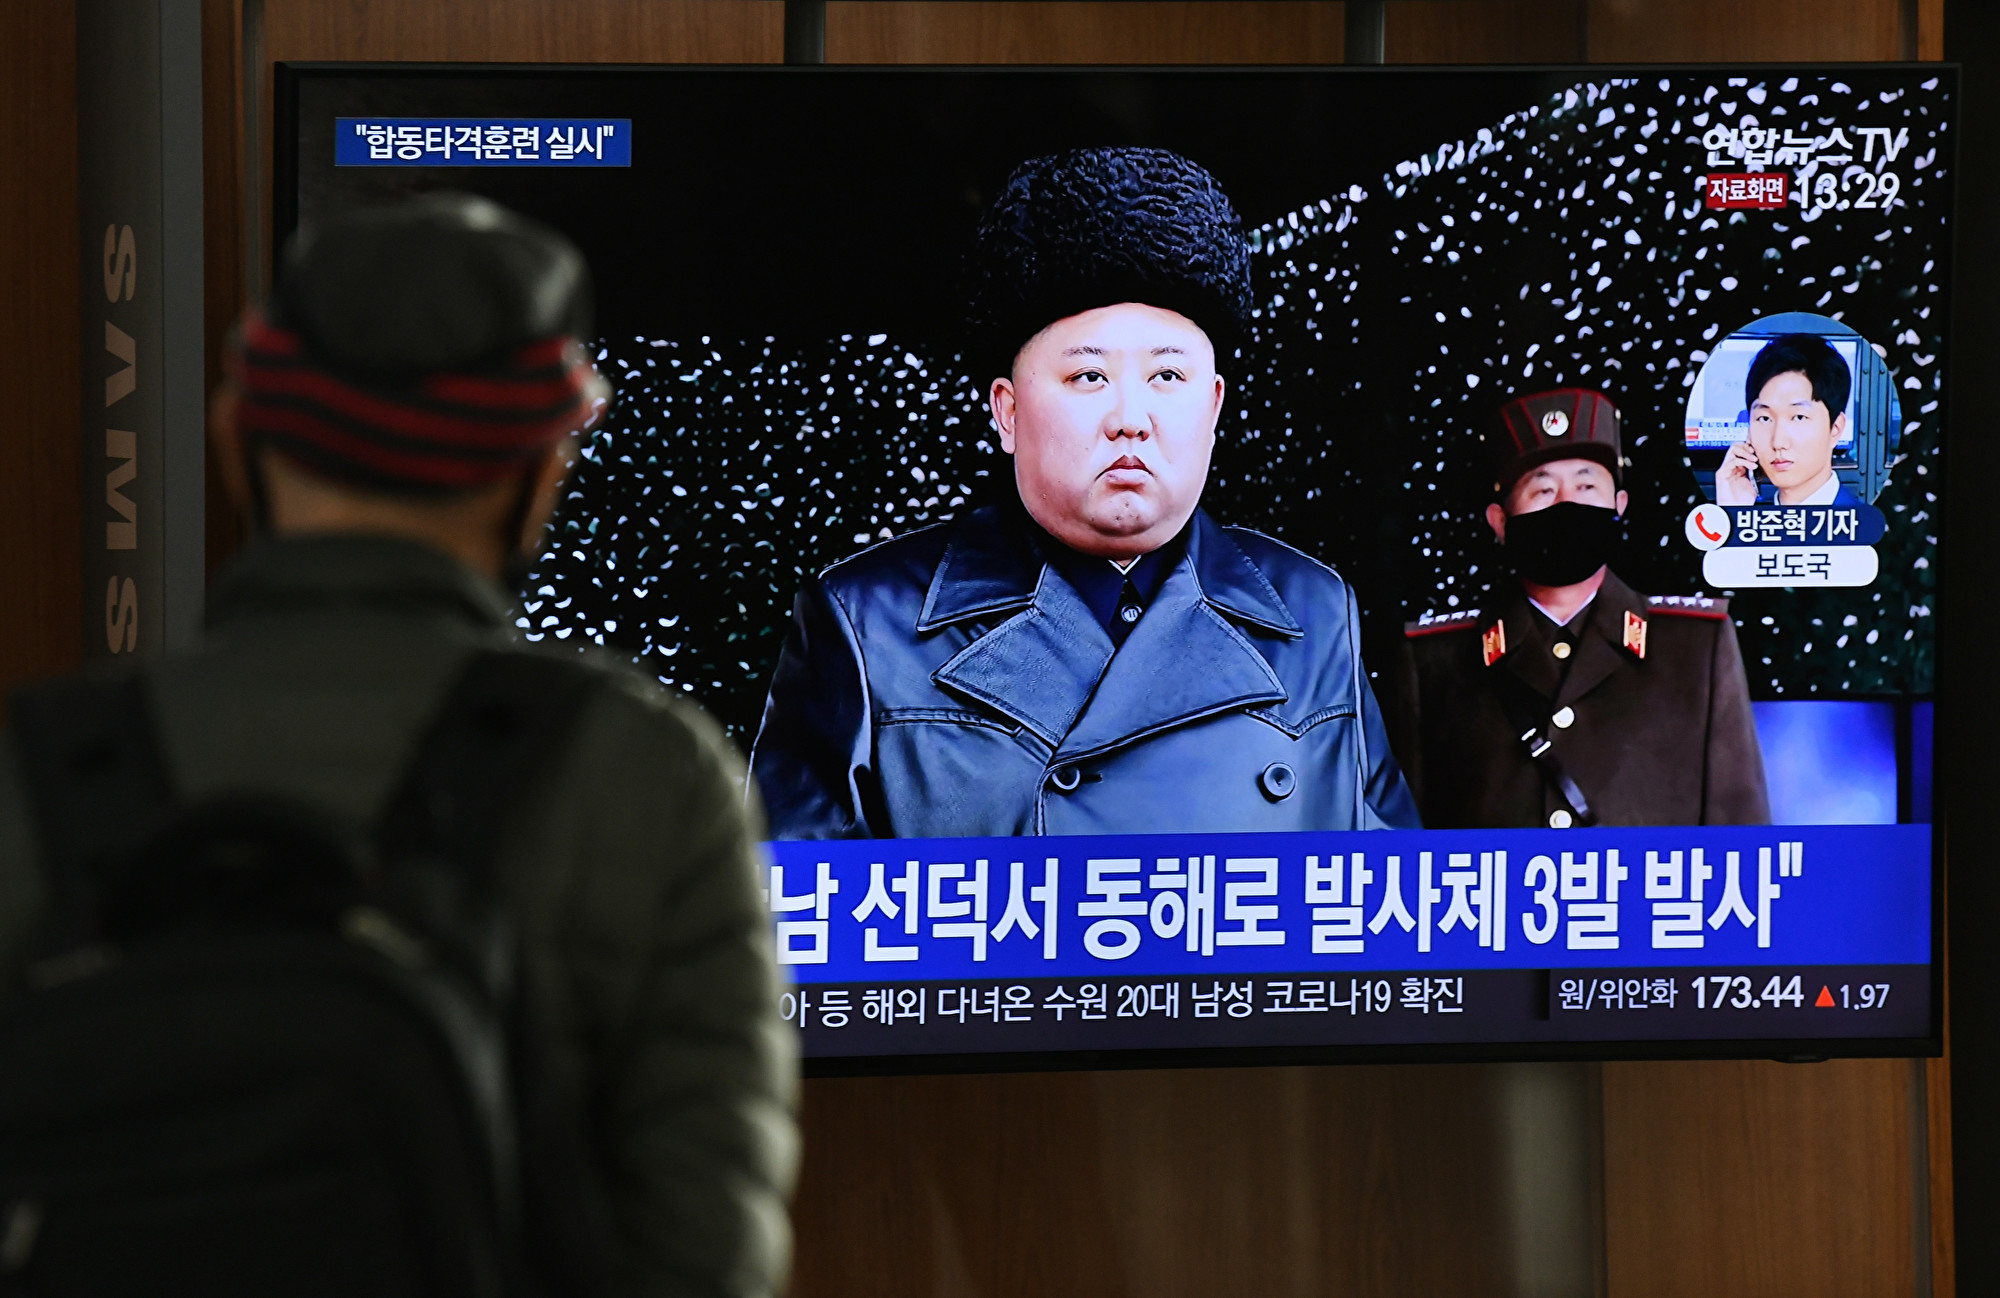 南韓稱金正恩避中共病毒隱居 專家:為啥不露臉